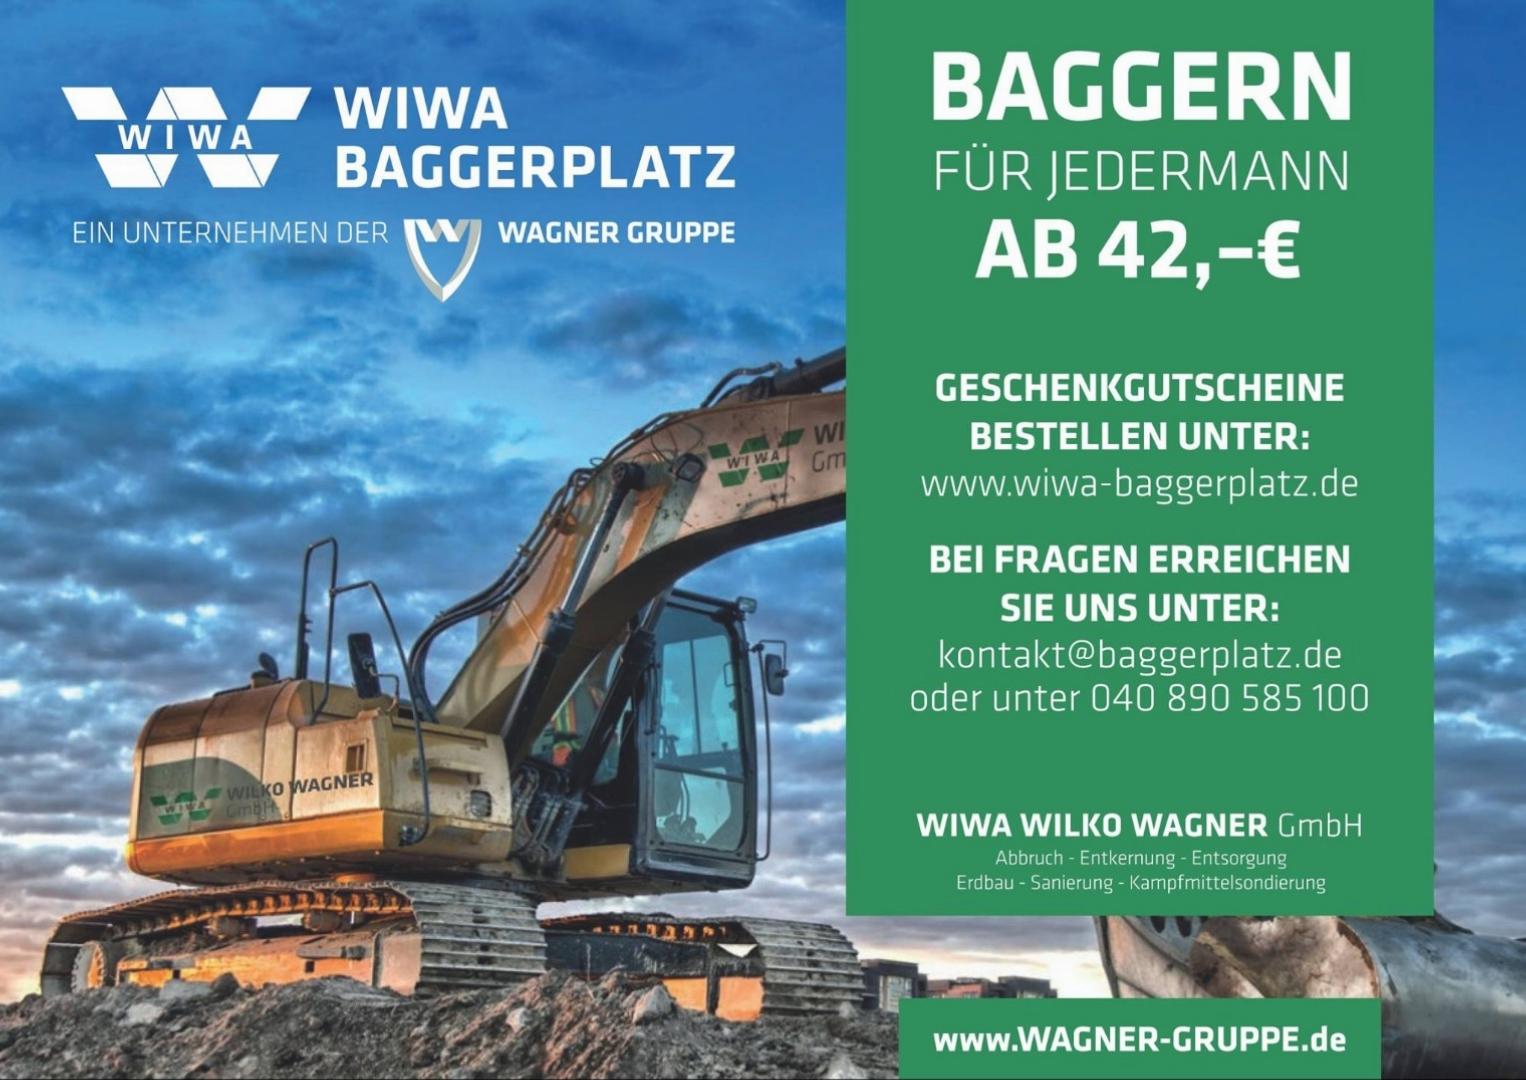 https://www.wiwa-baggerplatz.de/